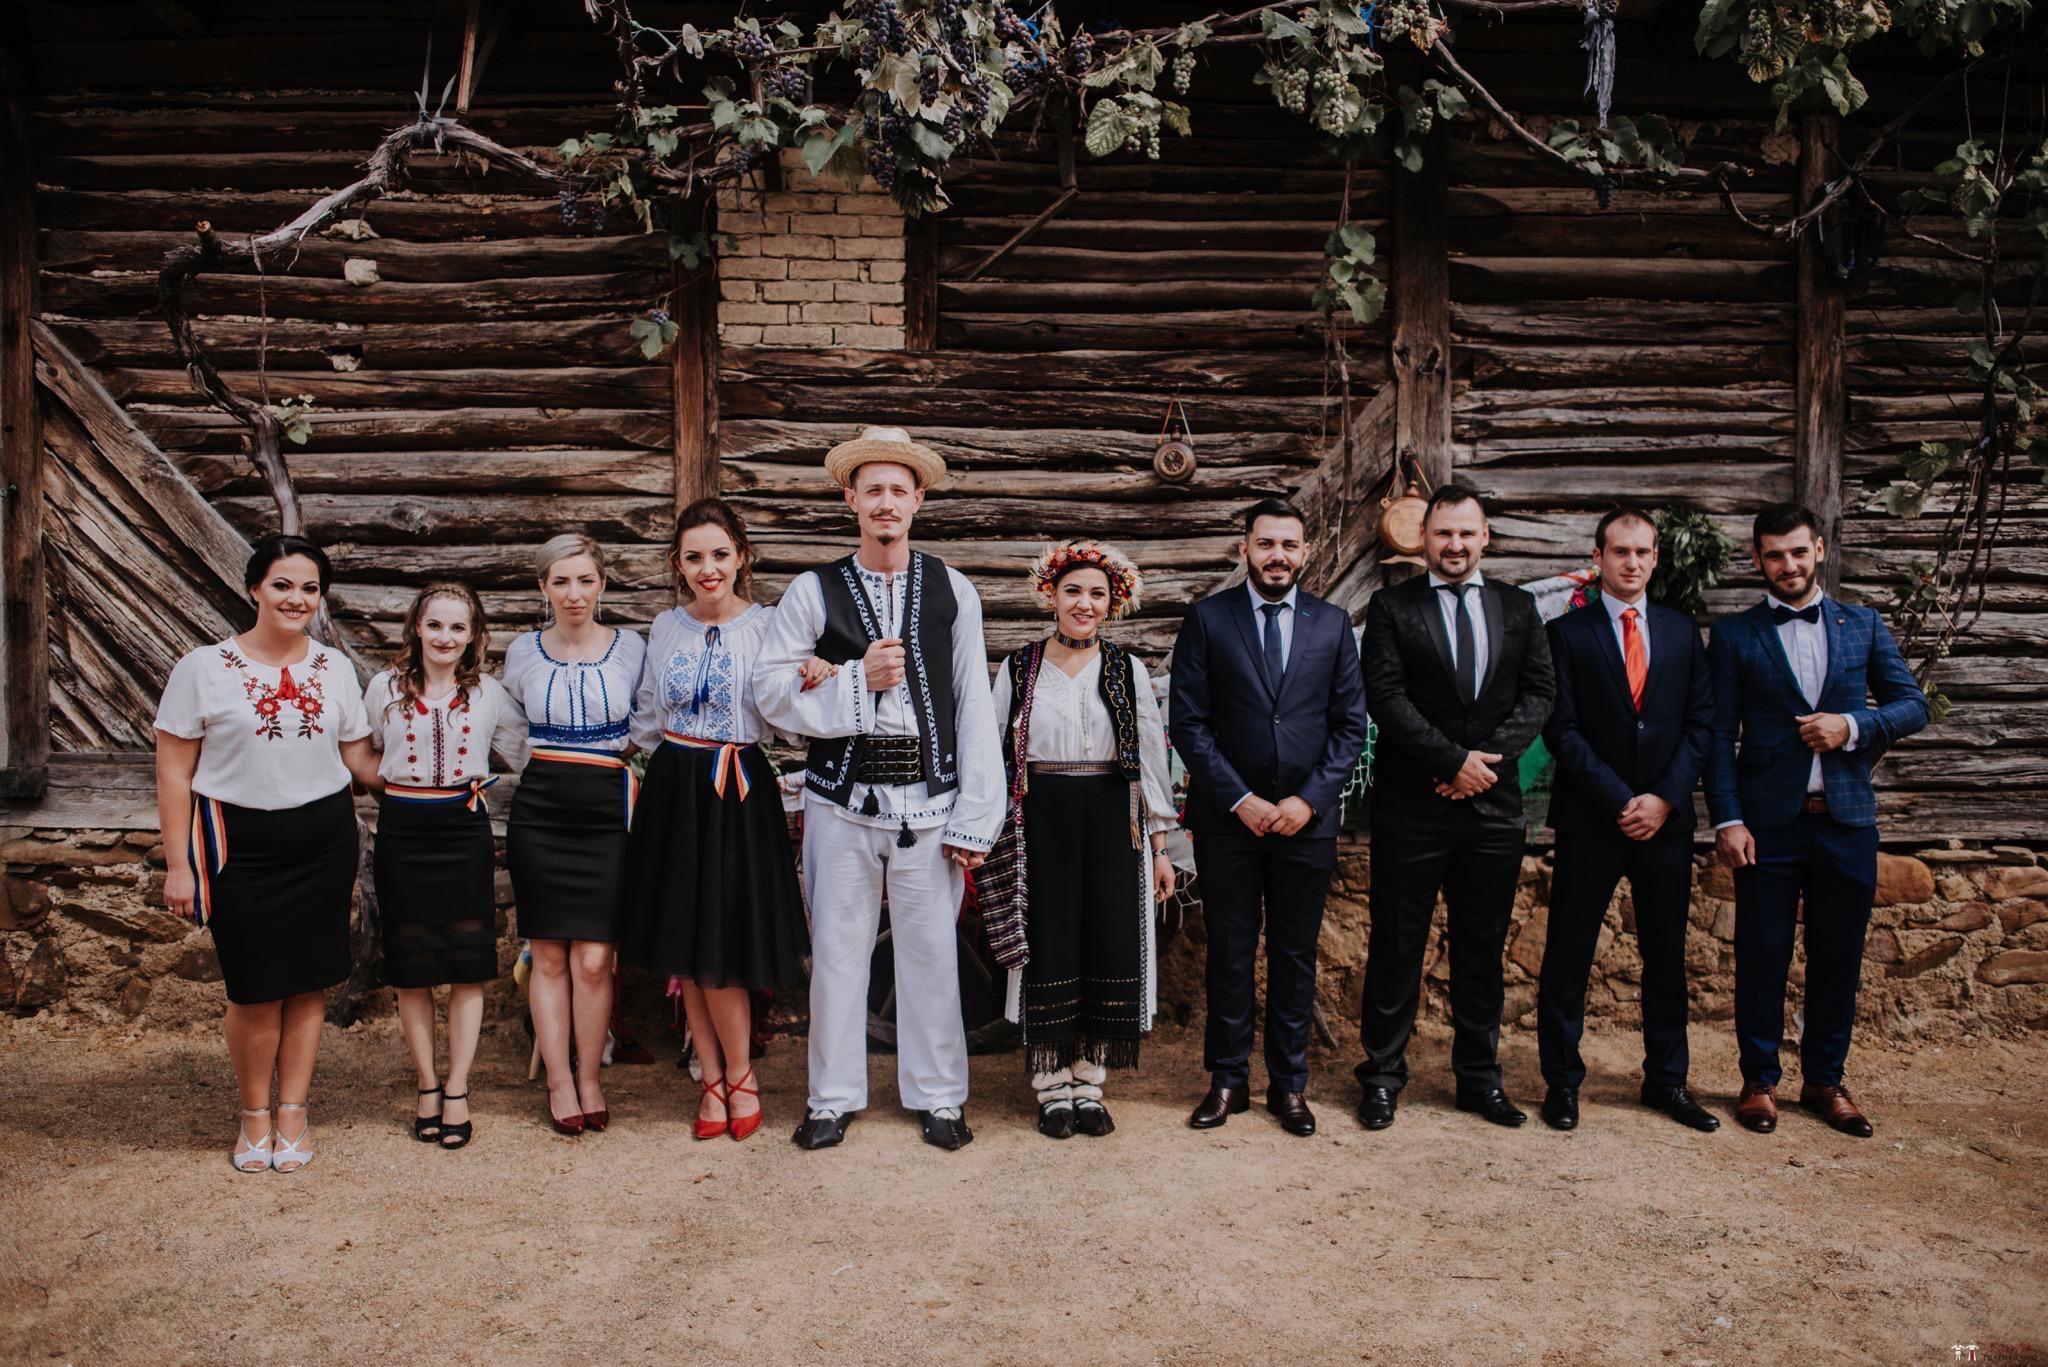 Povești Nunți Tradiționale - Silvia și Adrian. Nuntă tradițională în Ghighișeni, Bihor 30